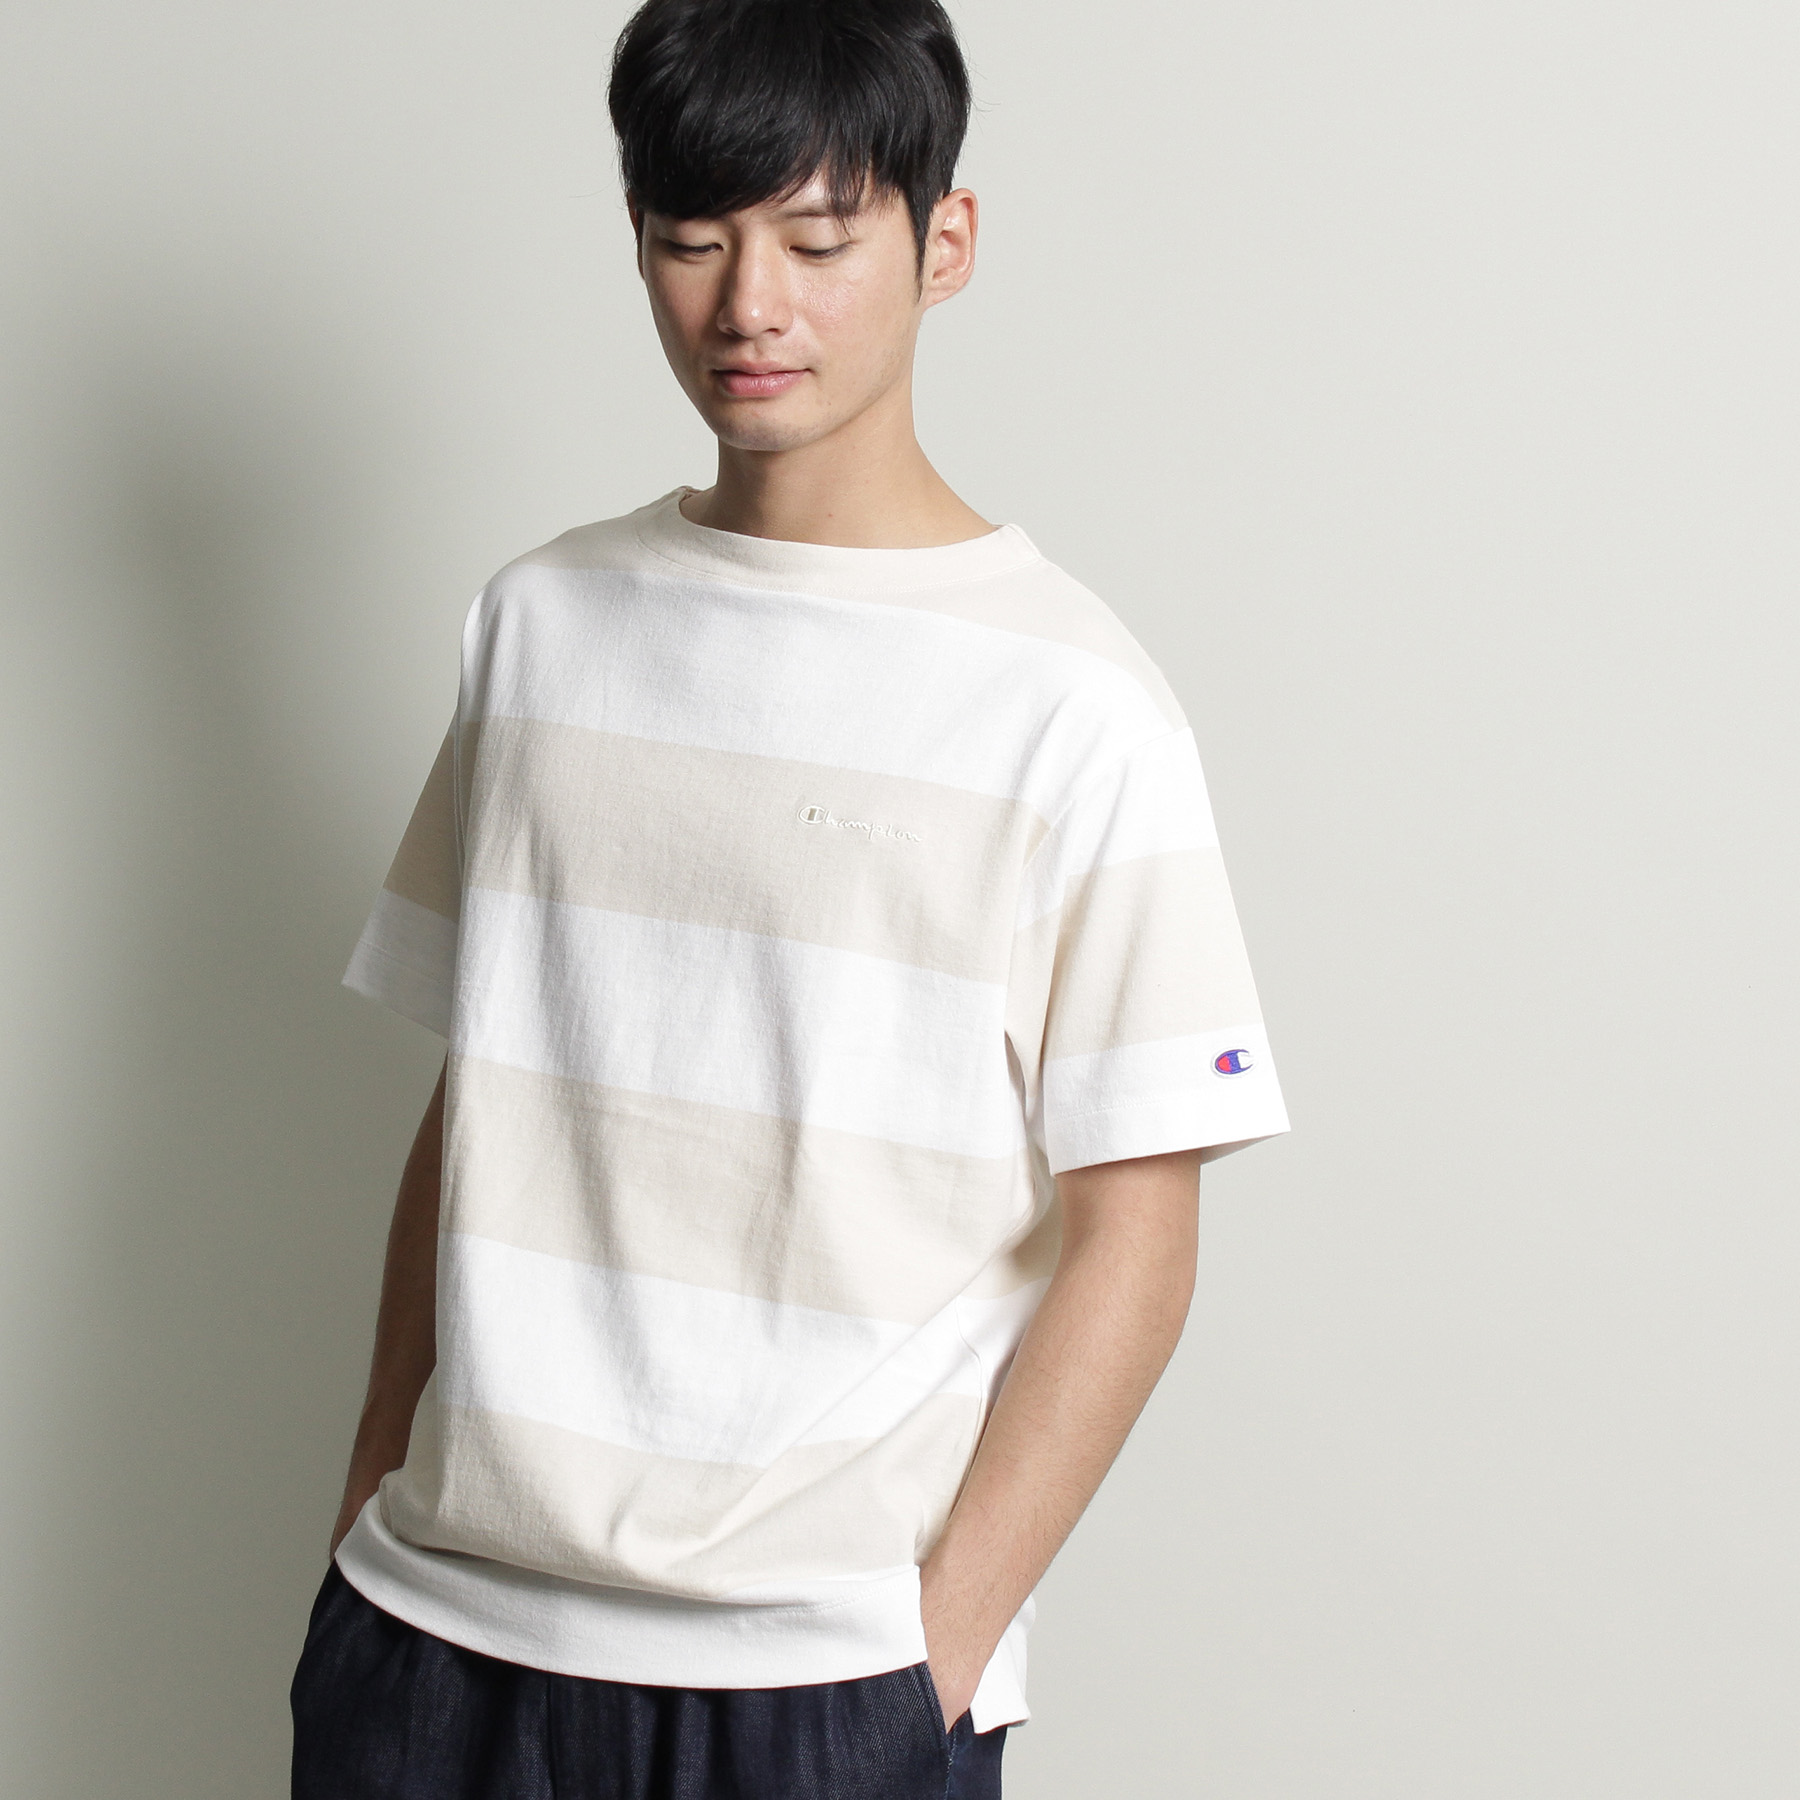 【THE SHOP TK(Men) (ザ ショップ ティーケー(メンズ))】【チャンピオン別注】ビッグボーダーTシャツメンズ トップス|カットソー・Tシャツ ベージュ